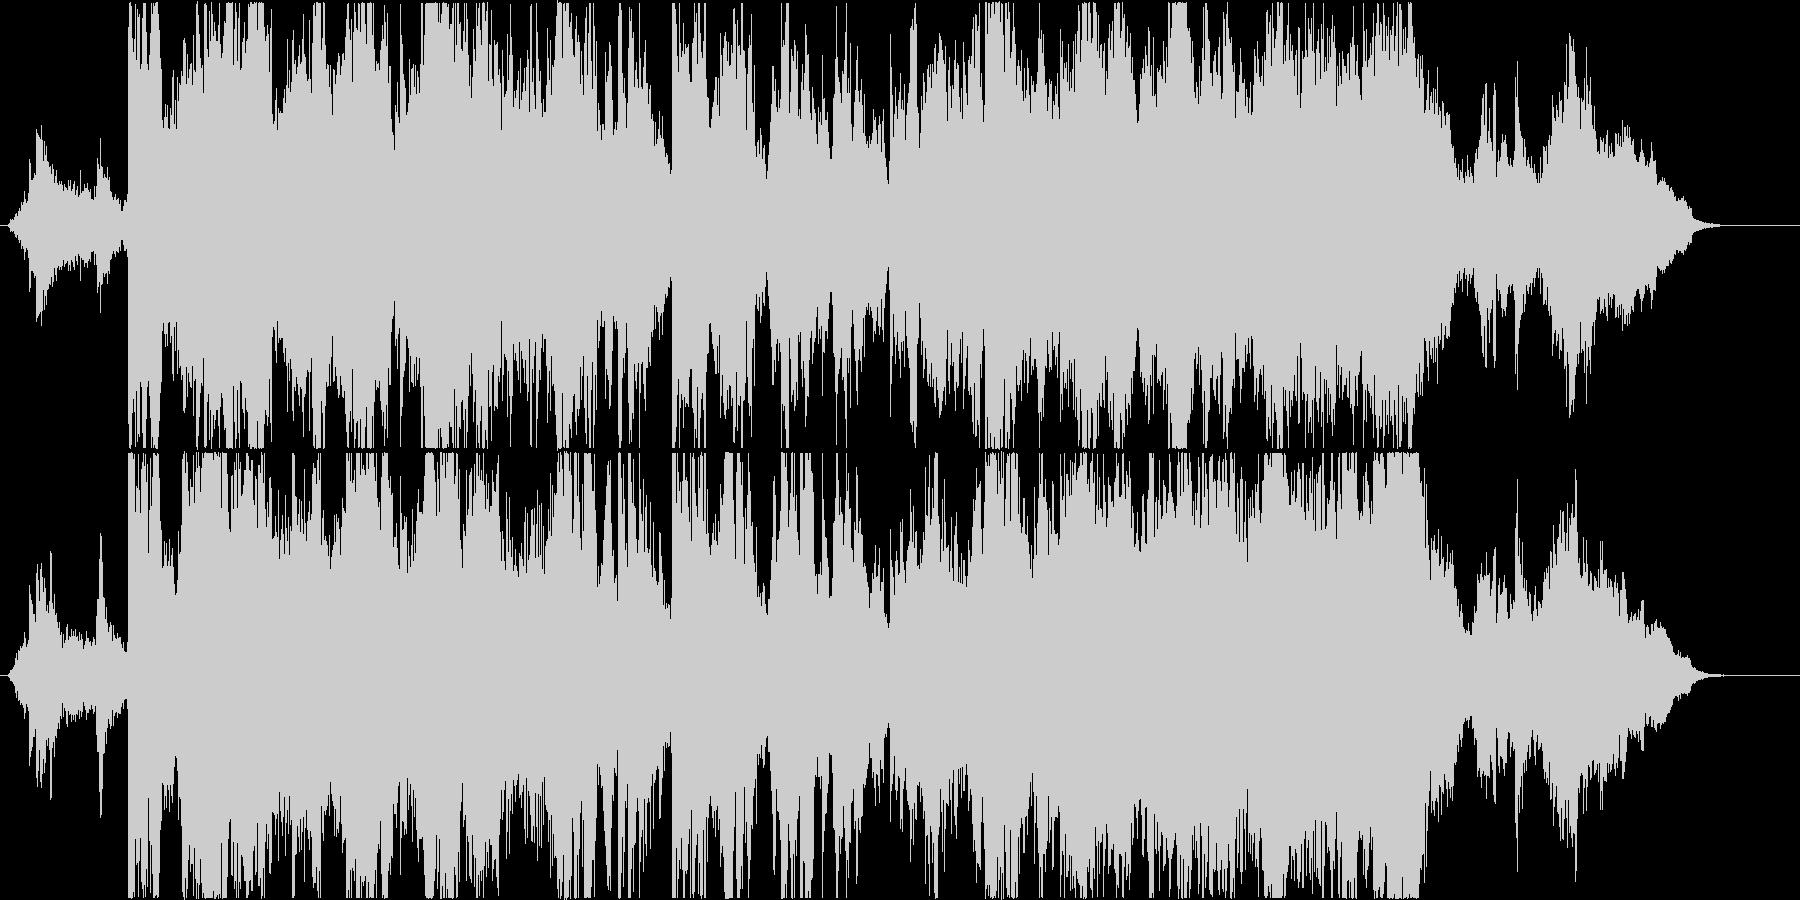 二胡が優美に奏でる壮大なオリエンタル音楽の未再生の波形